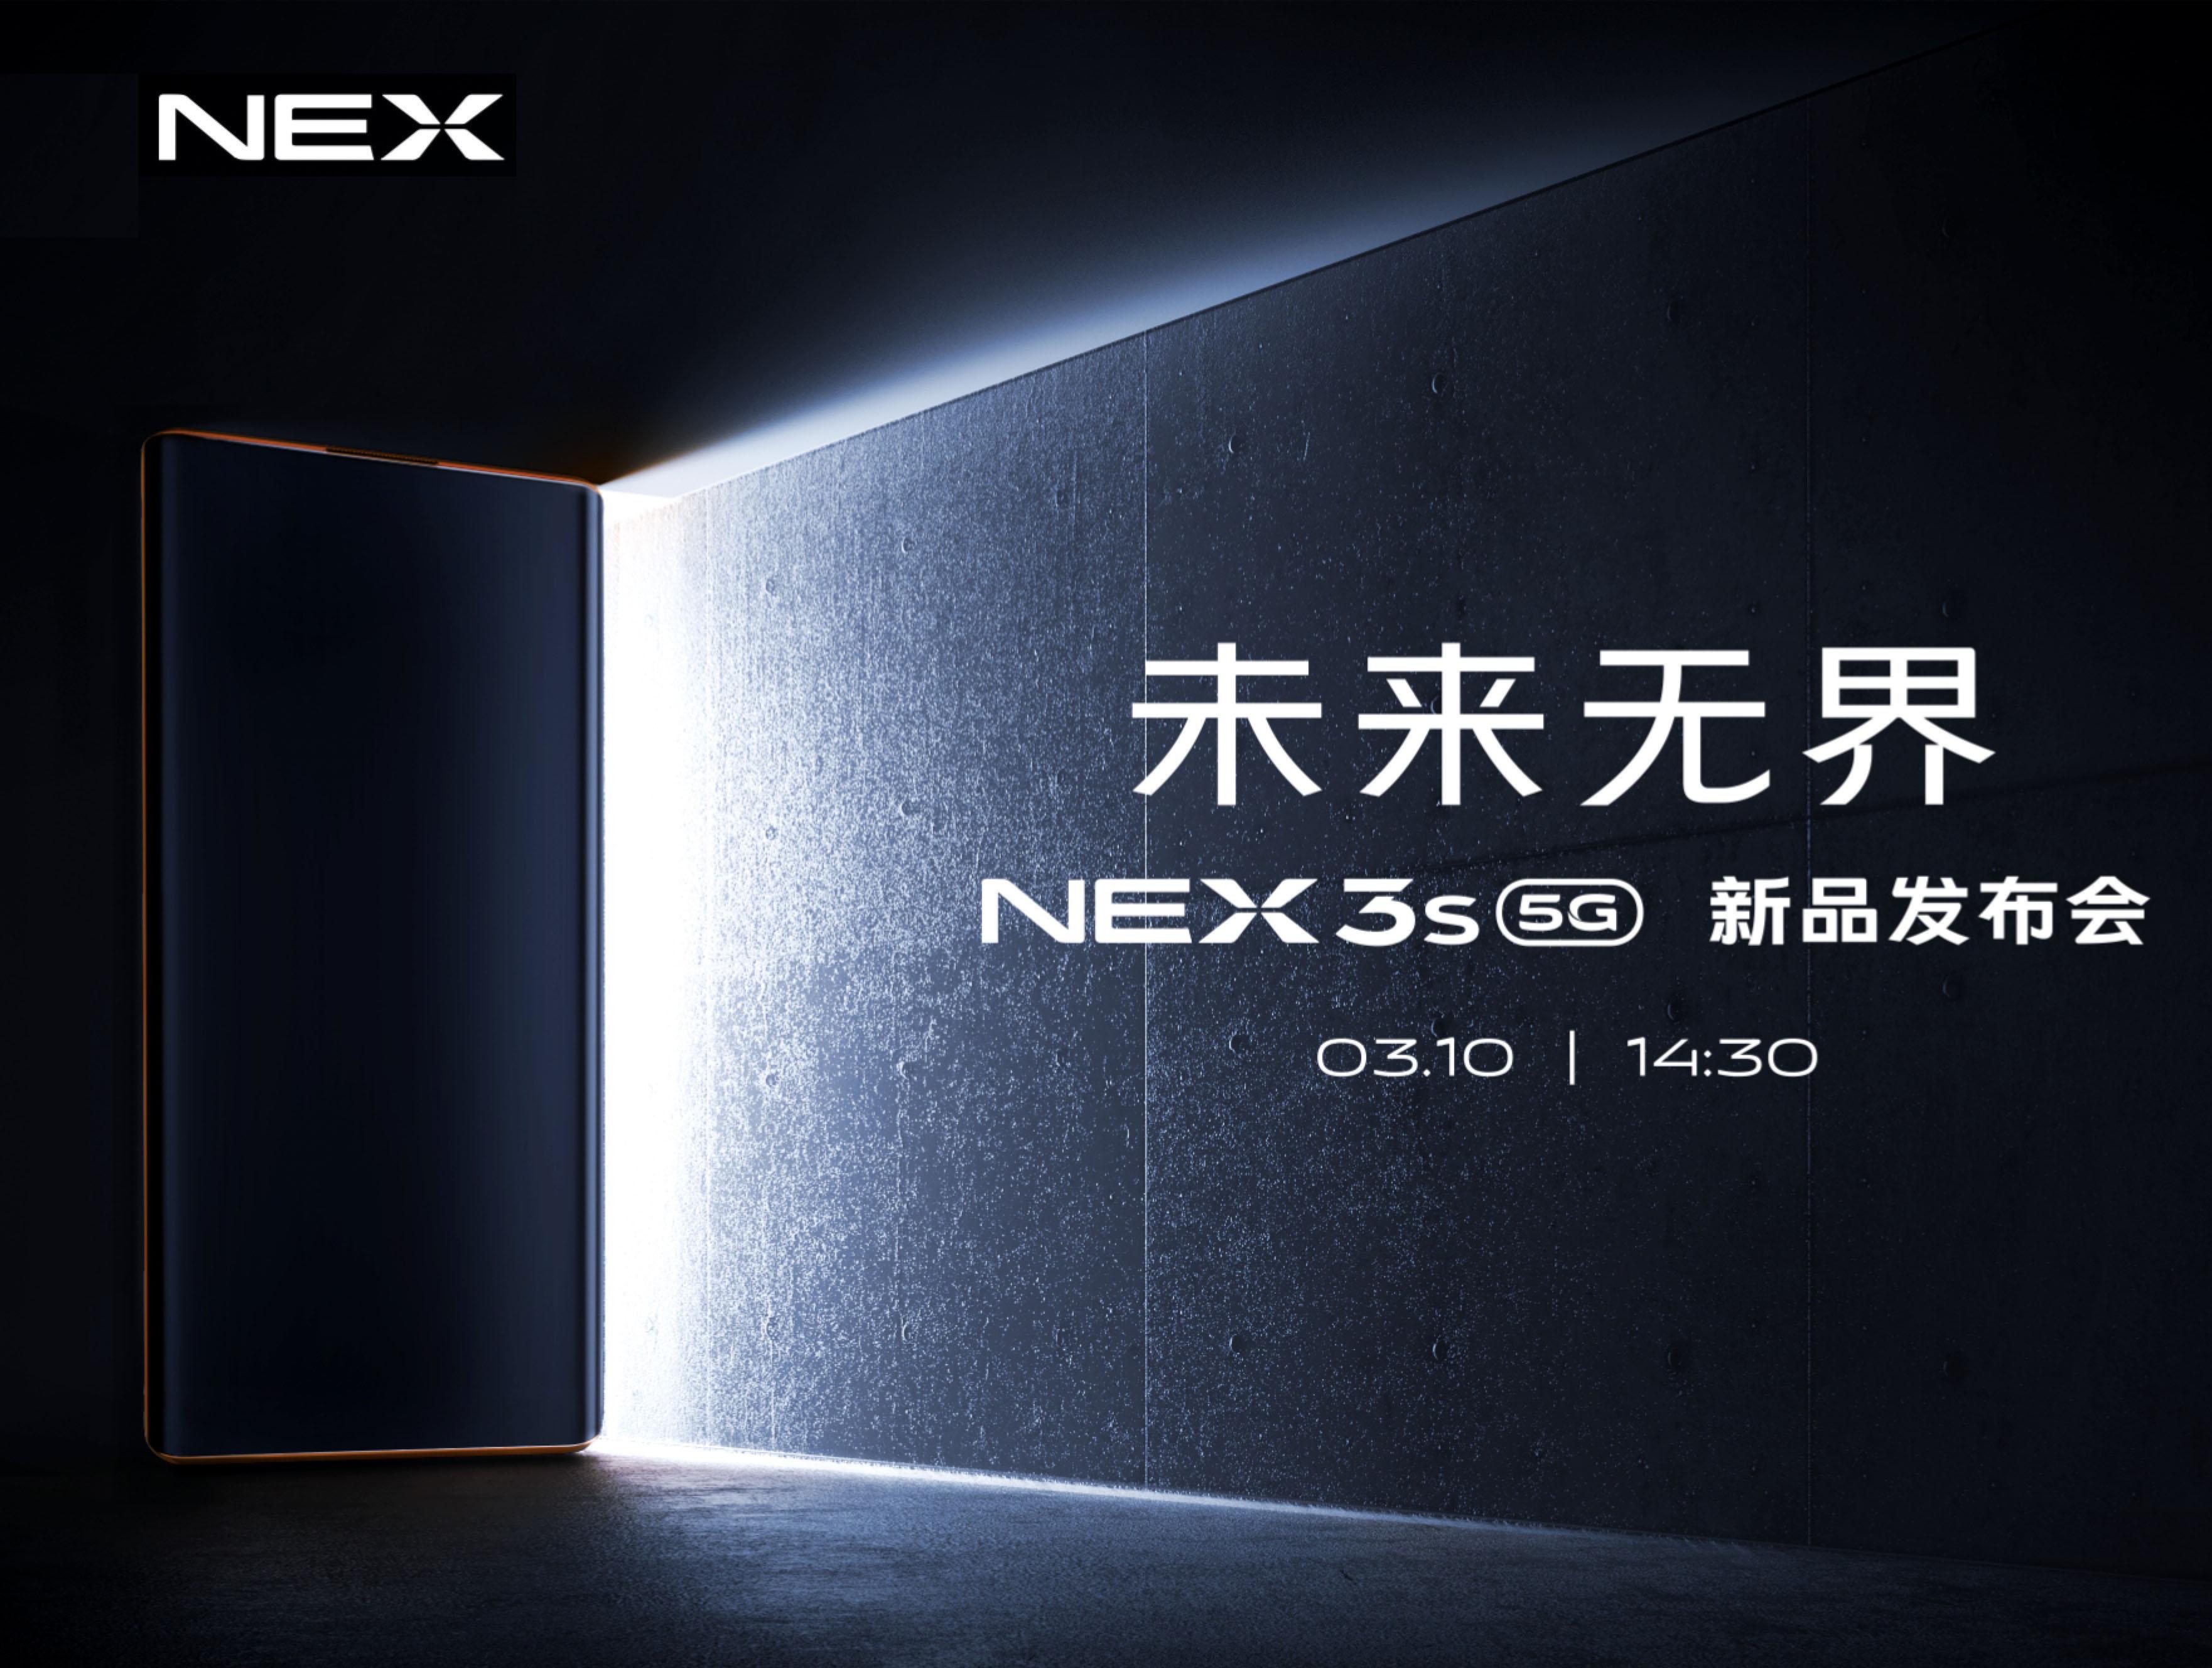 【新品首发】vivo NEX 3S 5G智慧旗舰